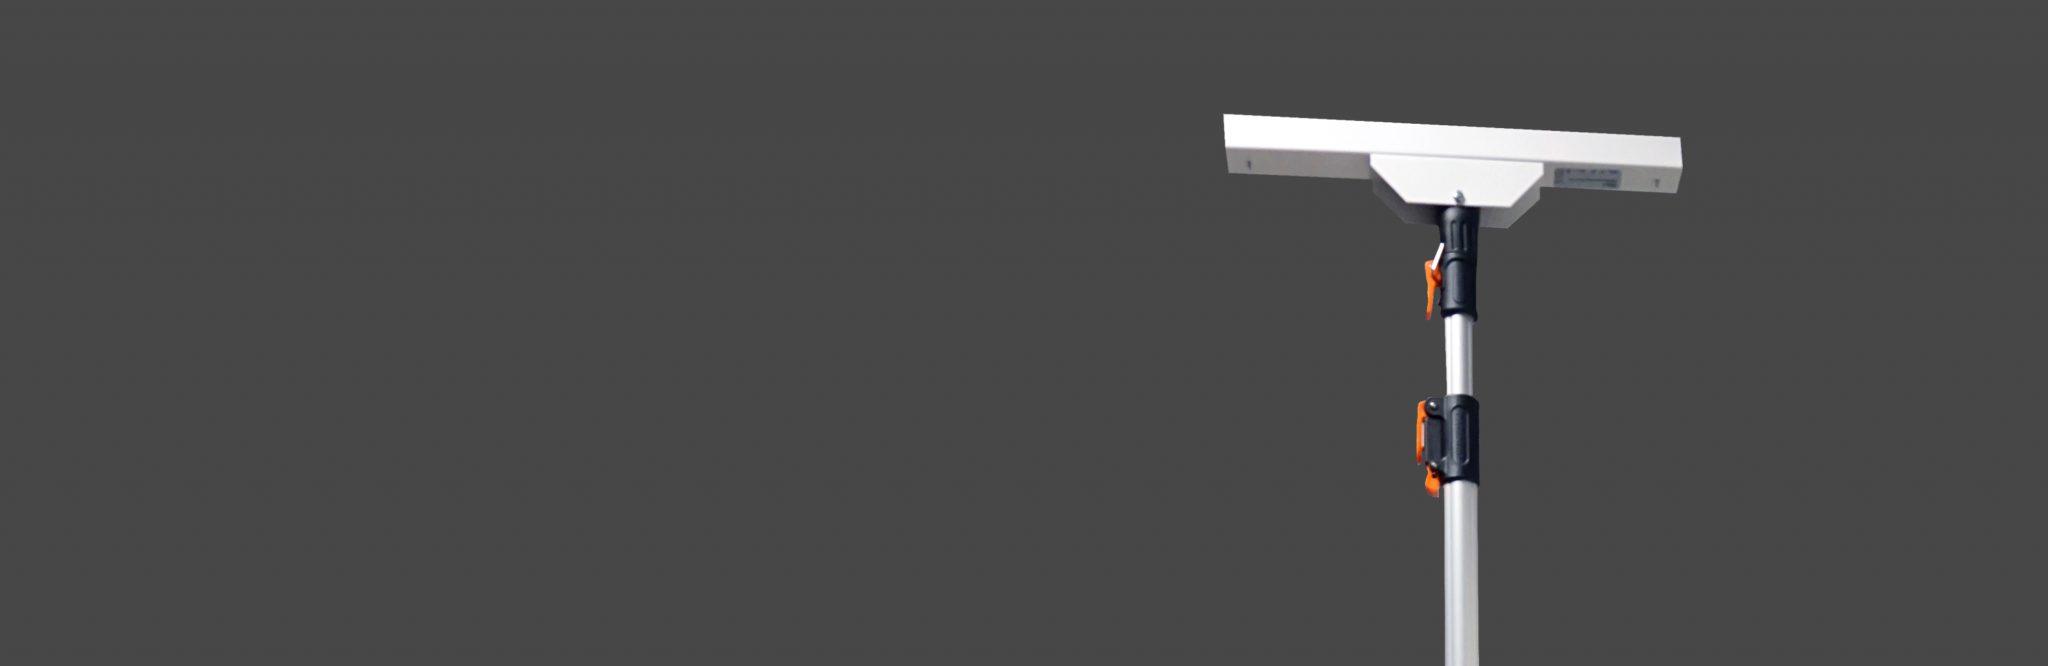 Pendelarmatur för dagligvaruhandel - FLOW. Här med transparent skärm.